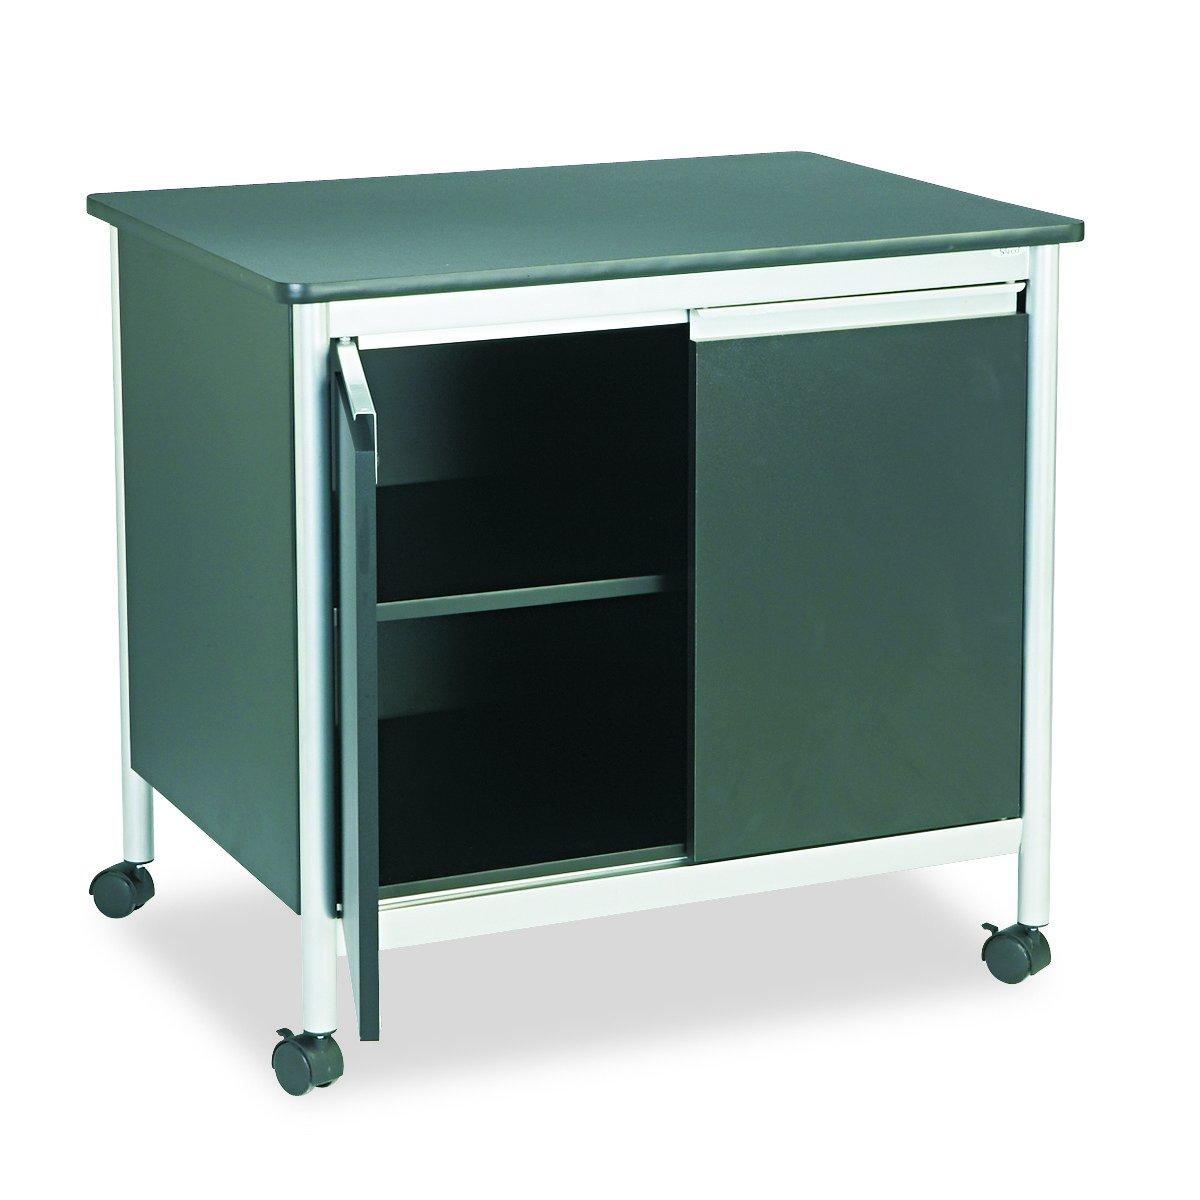 Safco Deluxe Machine Stand Mueble y Soporte para impresoras ...